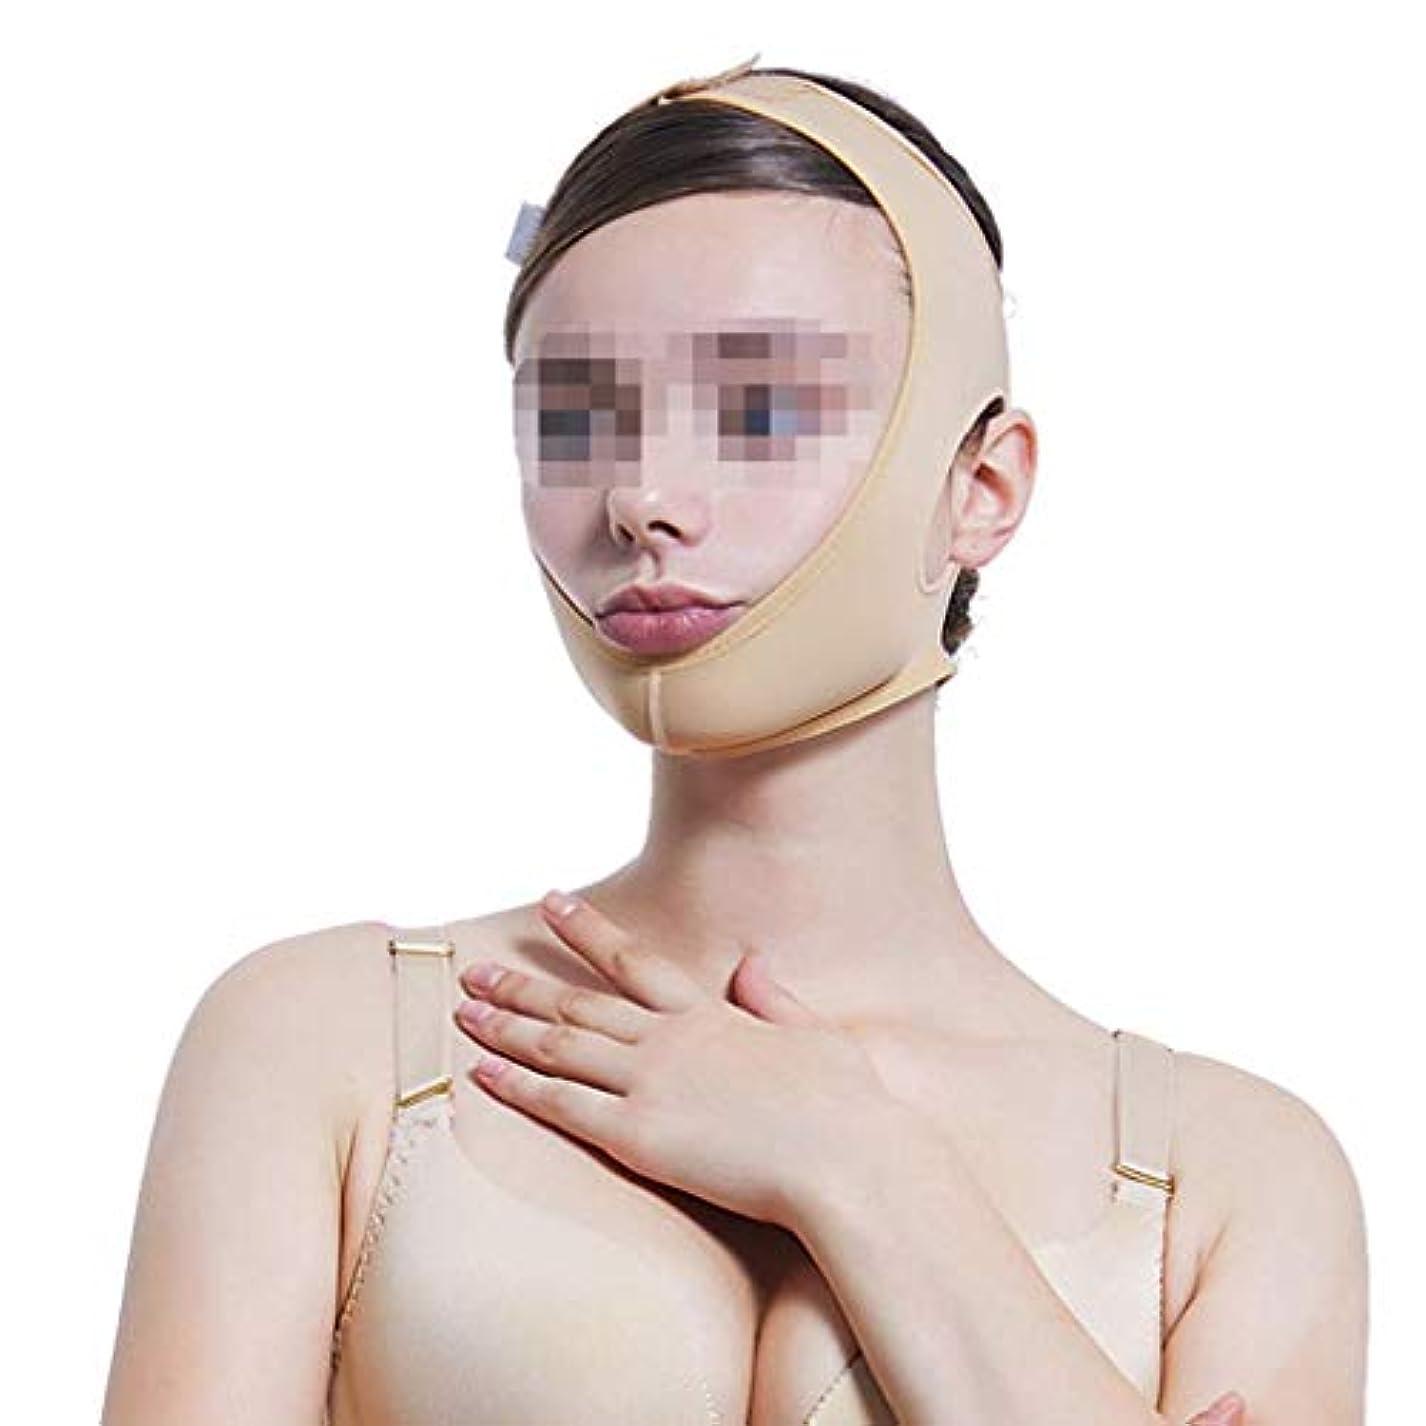 不透明なインチ戸口ビームフェイス弾性ヘッドギア、ダブルあごのあごのセットをマスクの後に線彫り薄いフェイス包帯マルチサイズオプション(サイズ:XS),XL